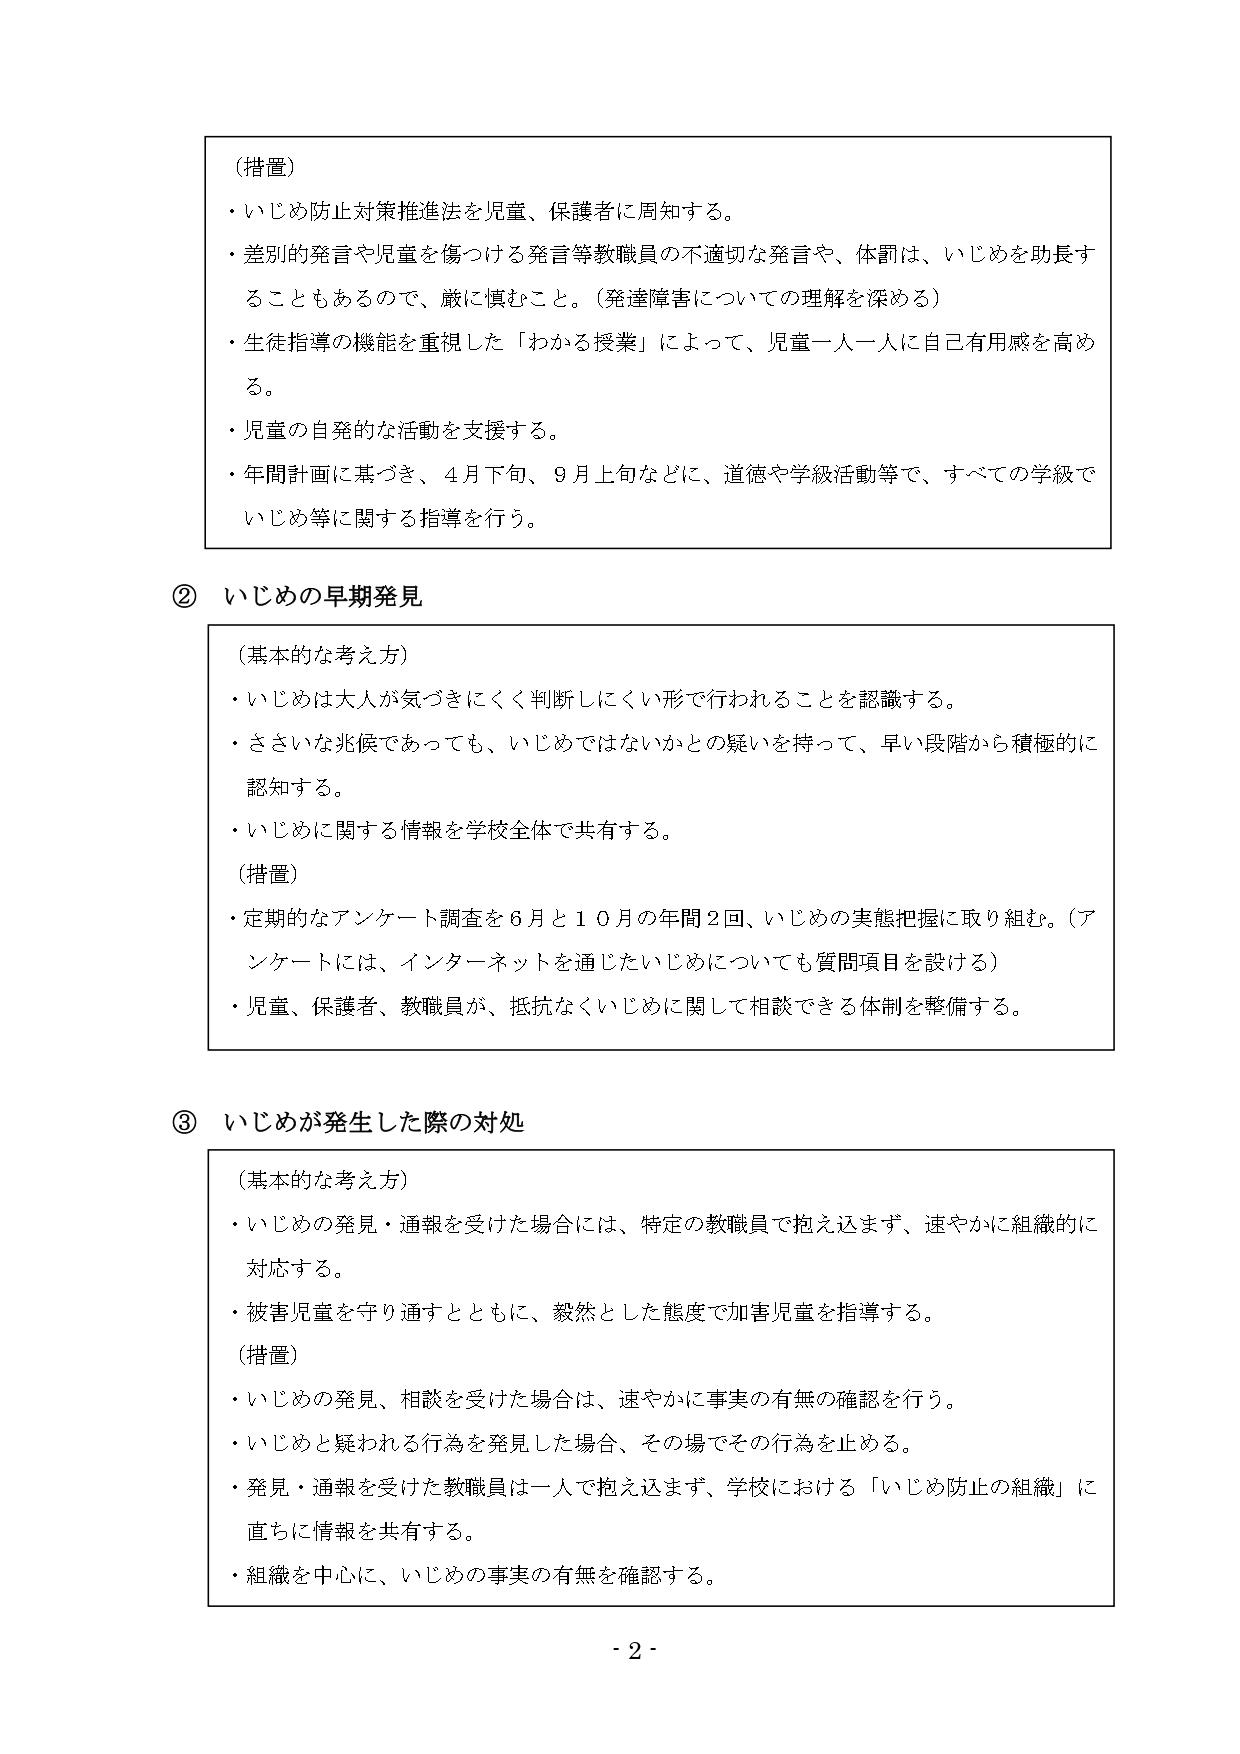 いじめ防止基本方針2